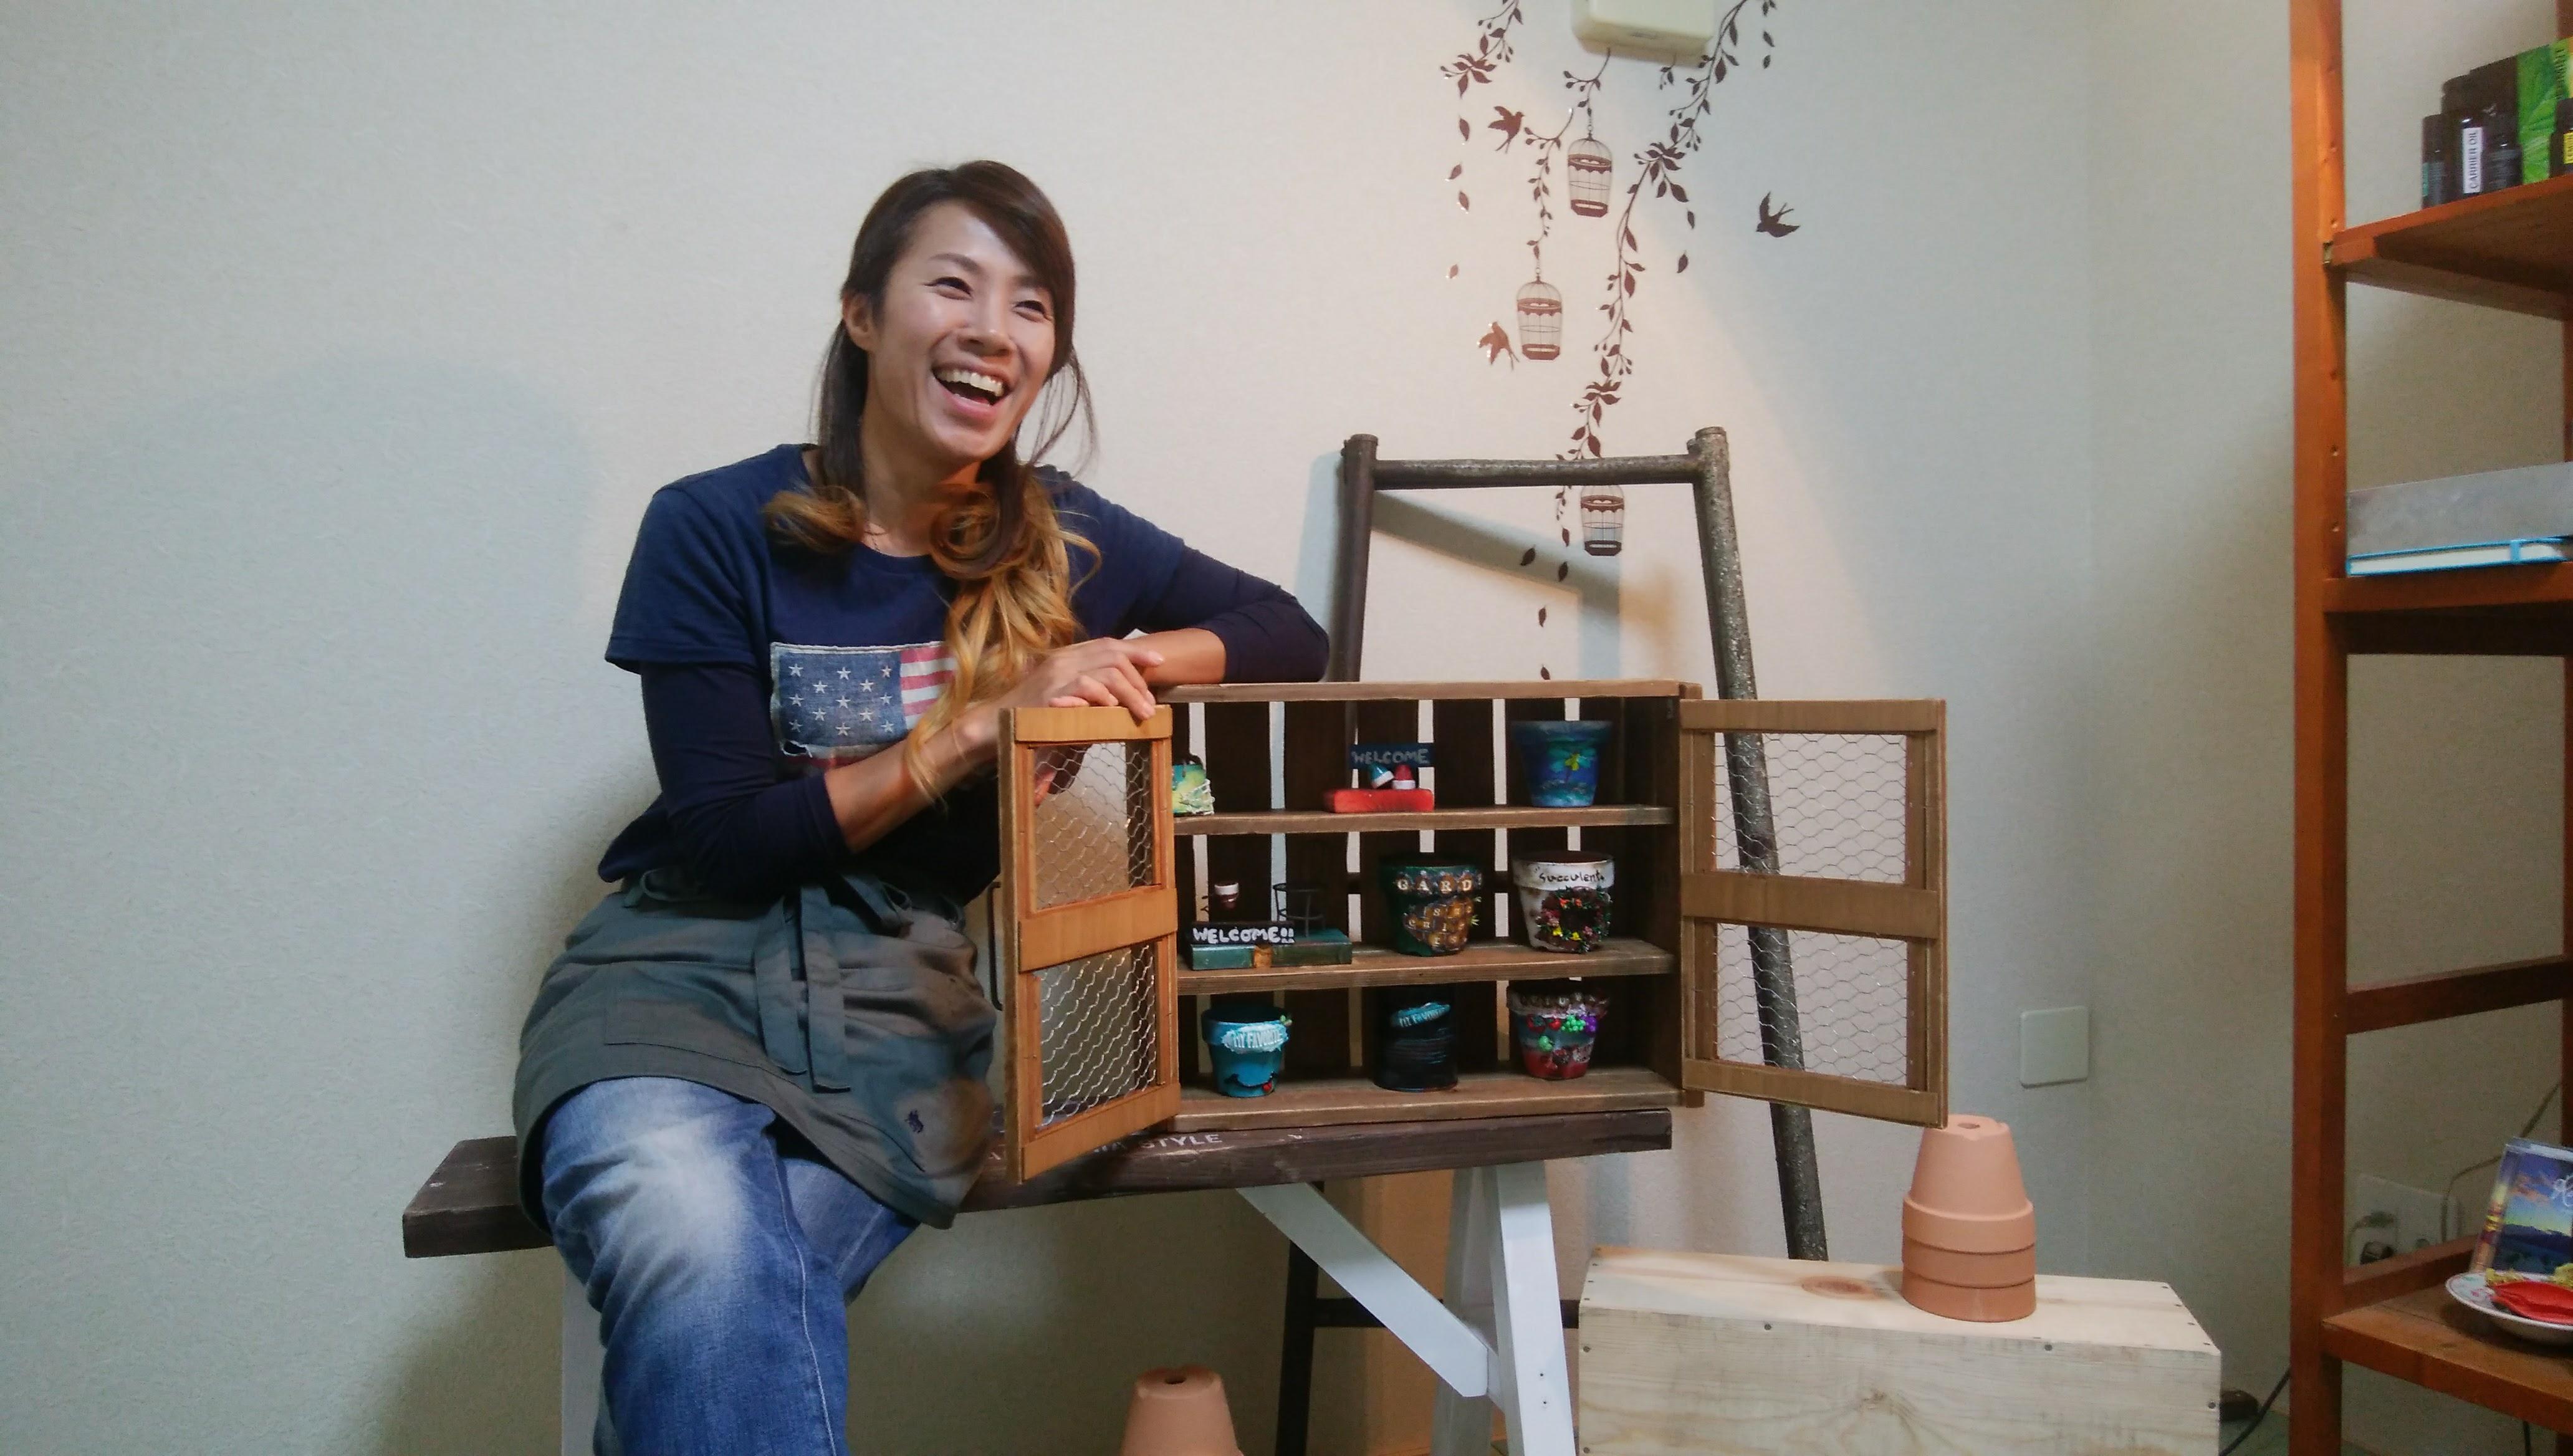 こんなしめ縄なら飾りたい!岡崎市デコポットアーティストが贈る、しめ縄デコポット - 3d46a548c170ba3731a532f1d4388608